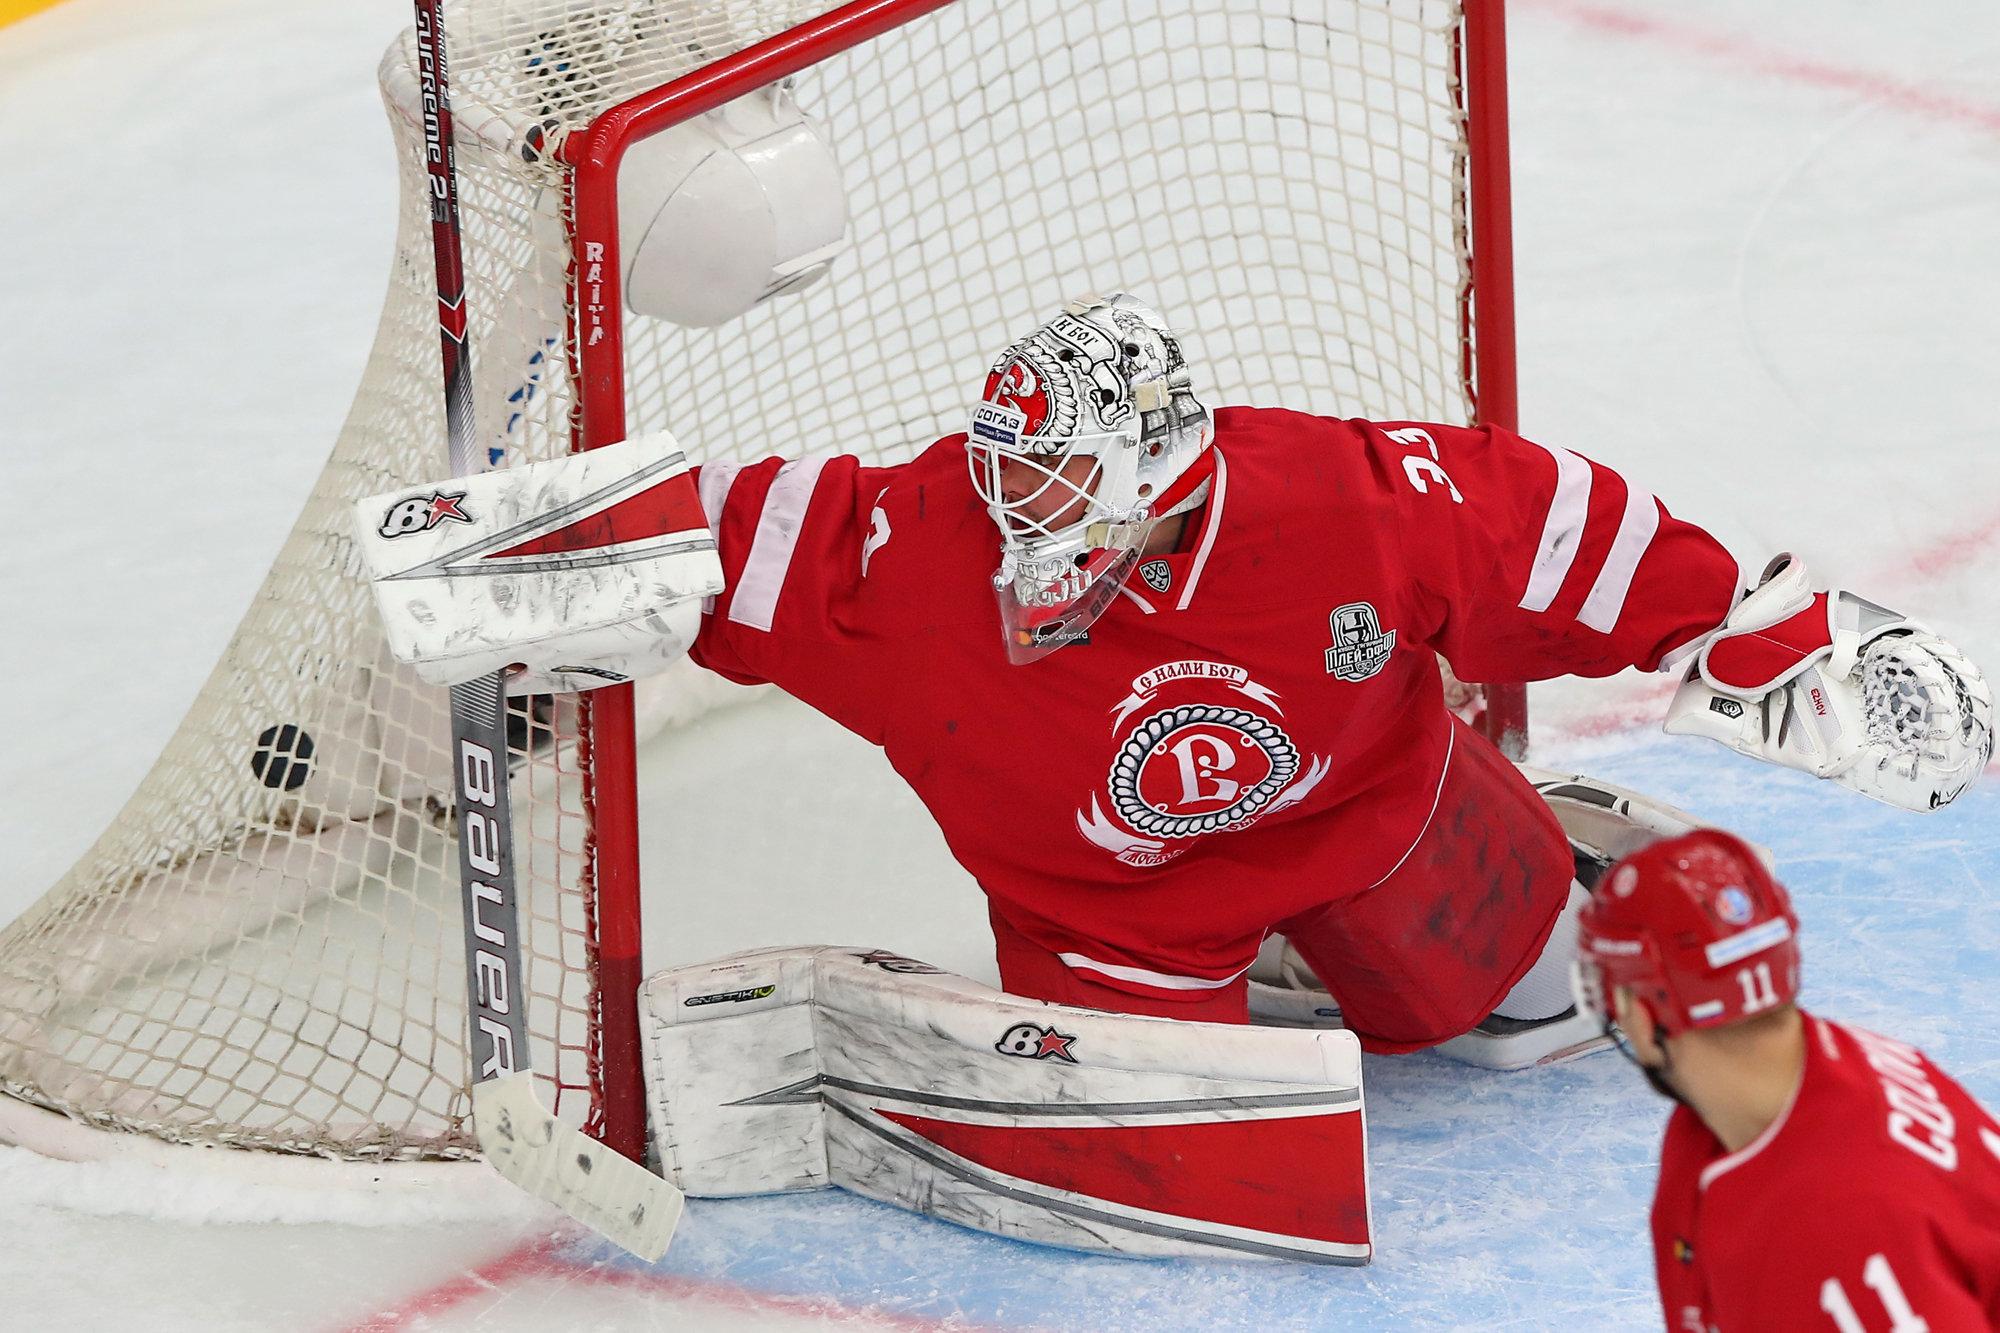 Болельщики признали Ежова лучшим игроком дня в КХЛ